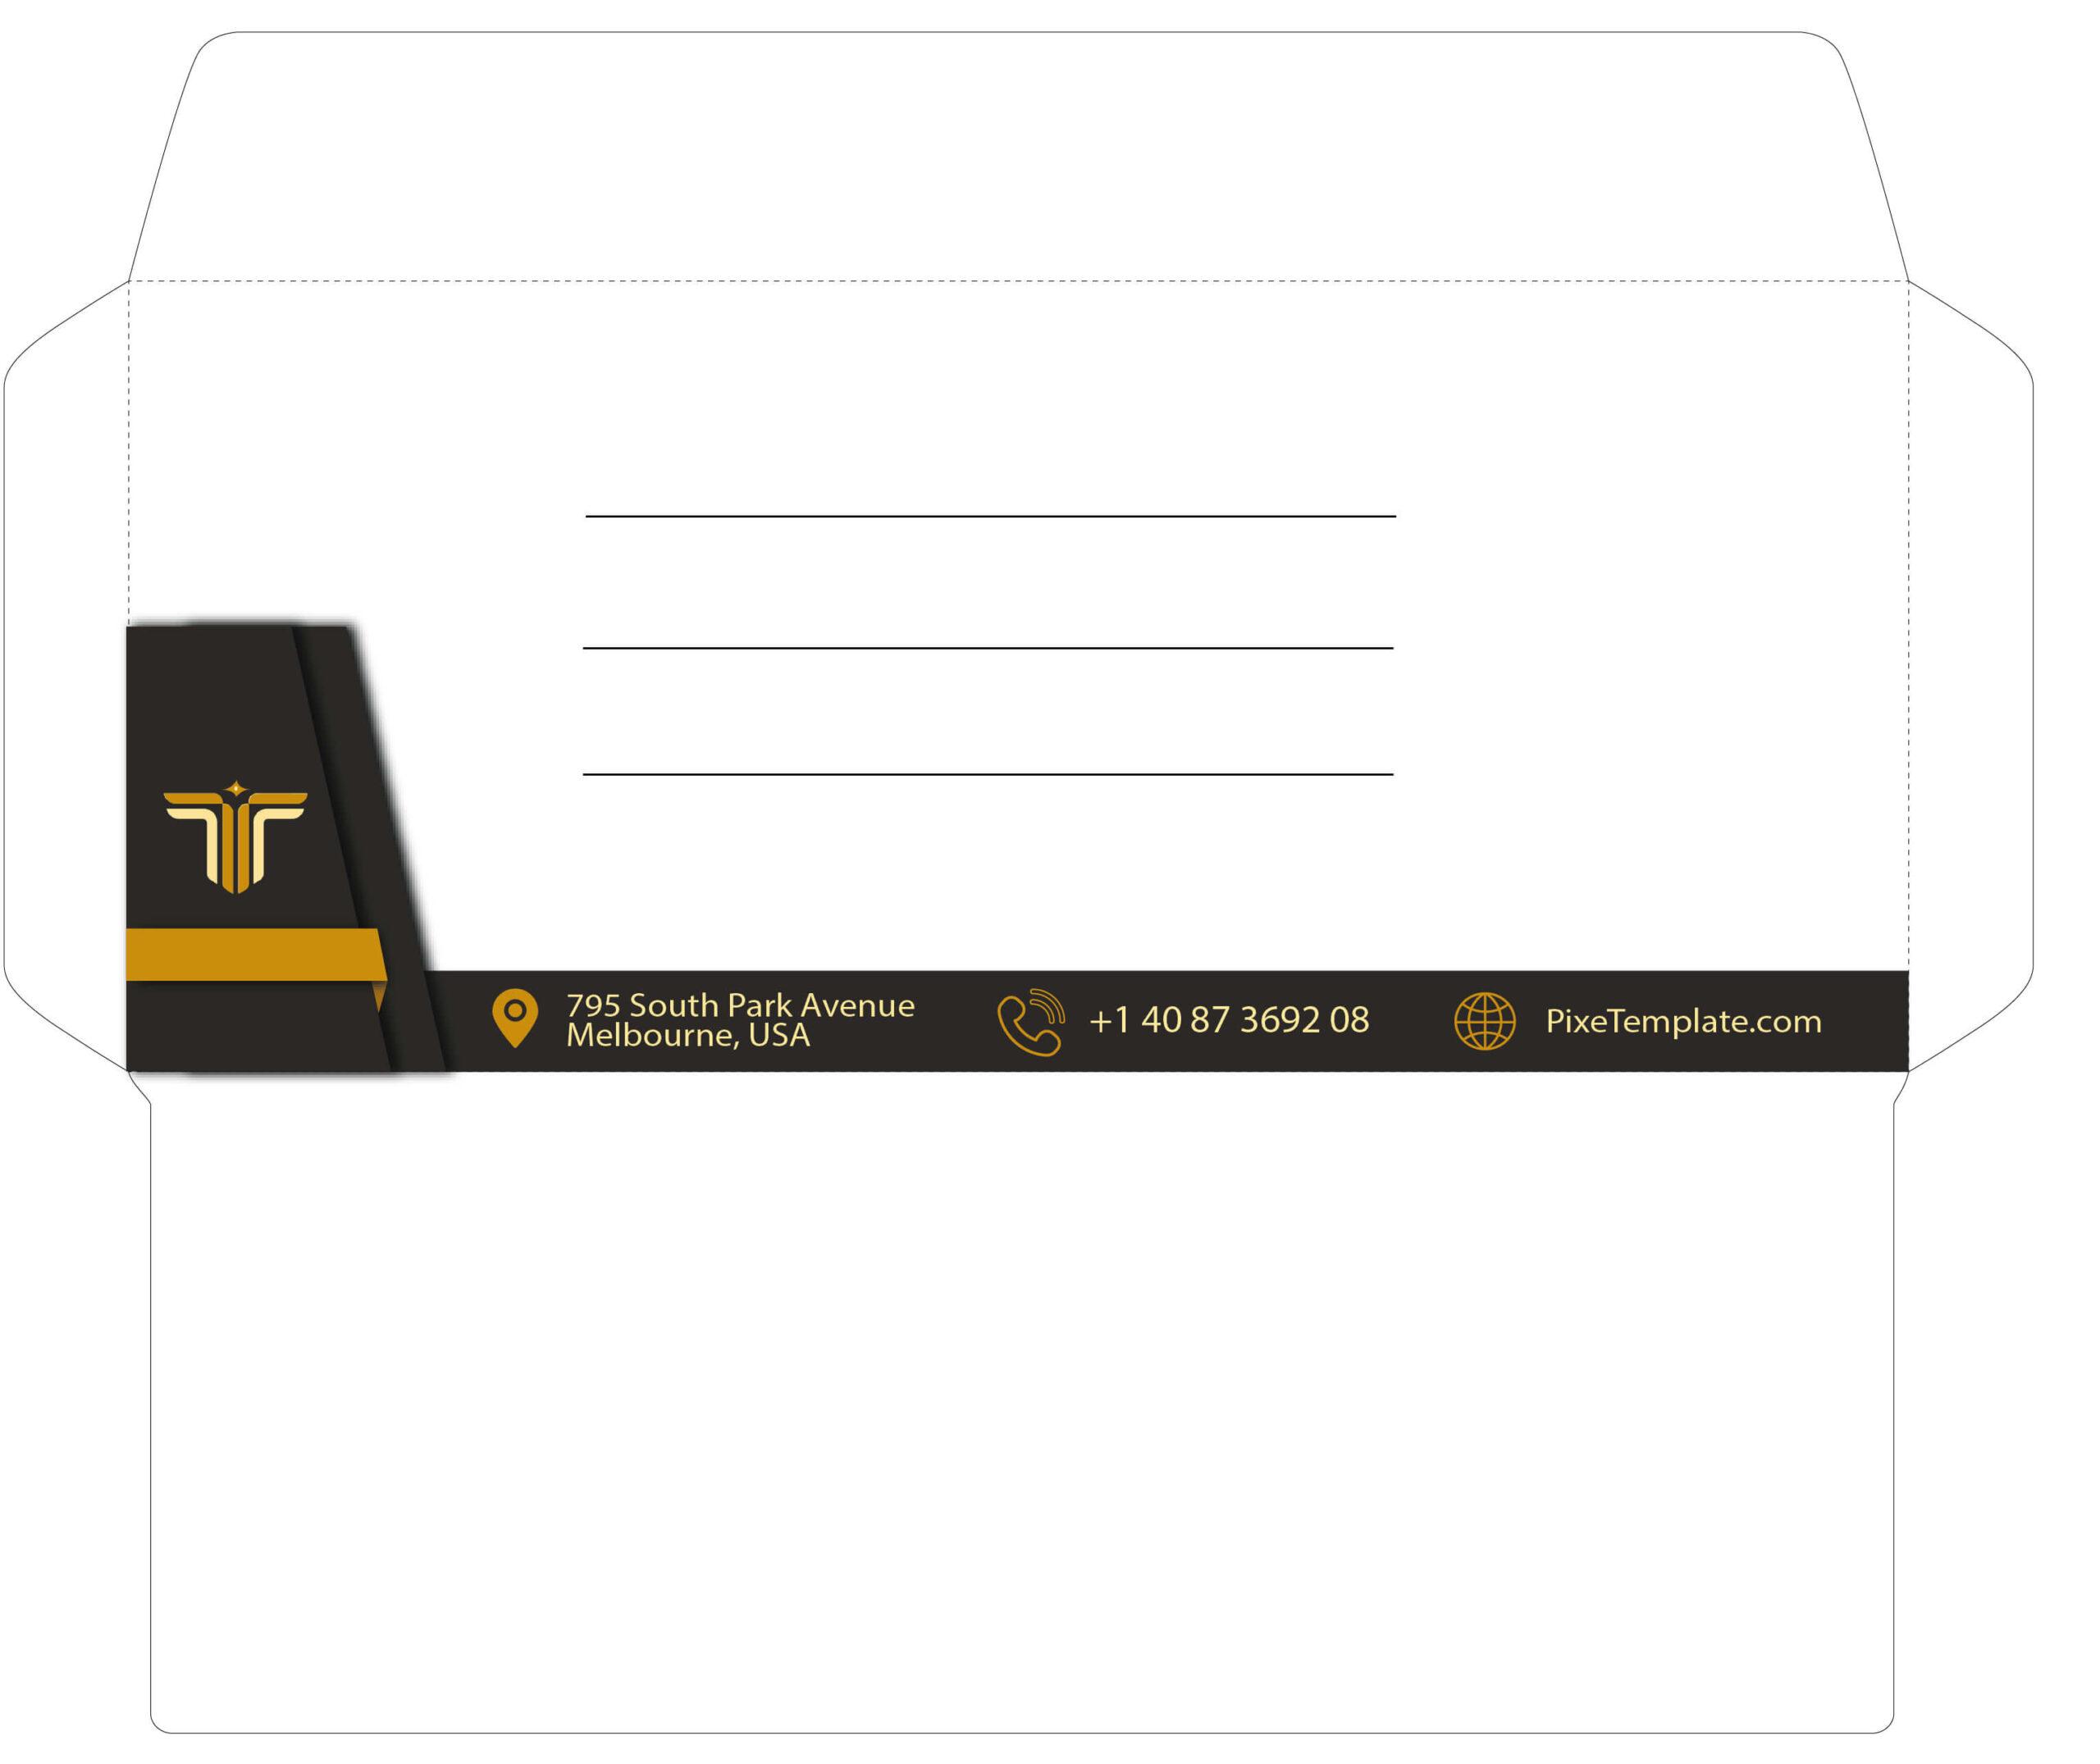 Dark Gray and Golden Envelope Design in Illustrator